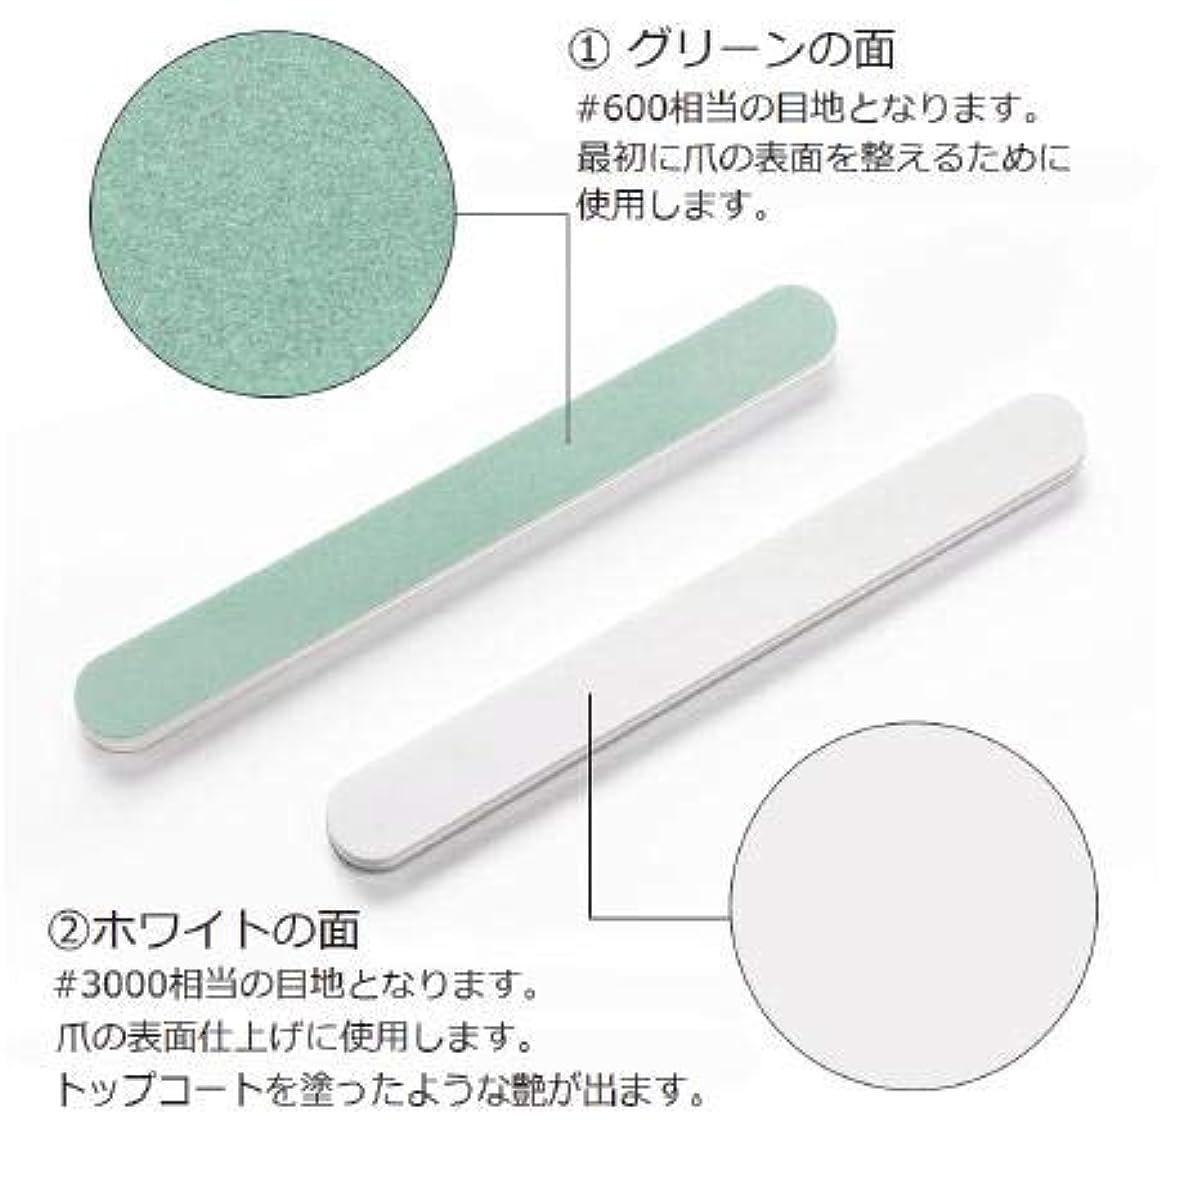 送信するゼリーの面ではskedan 爪 磨き ネイルシャイナー 10本入バッファー400/6000グリット ネイルをつやつやに スポンジファイル ソフトファイル ネイルポリッシュファイル